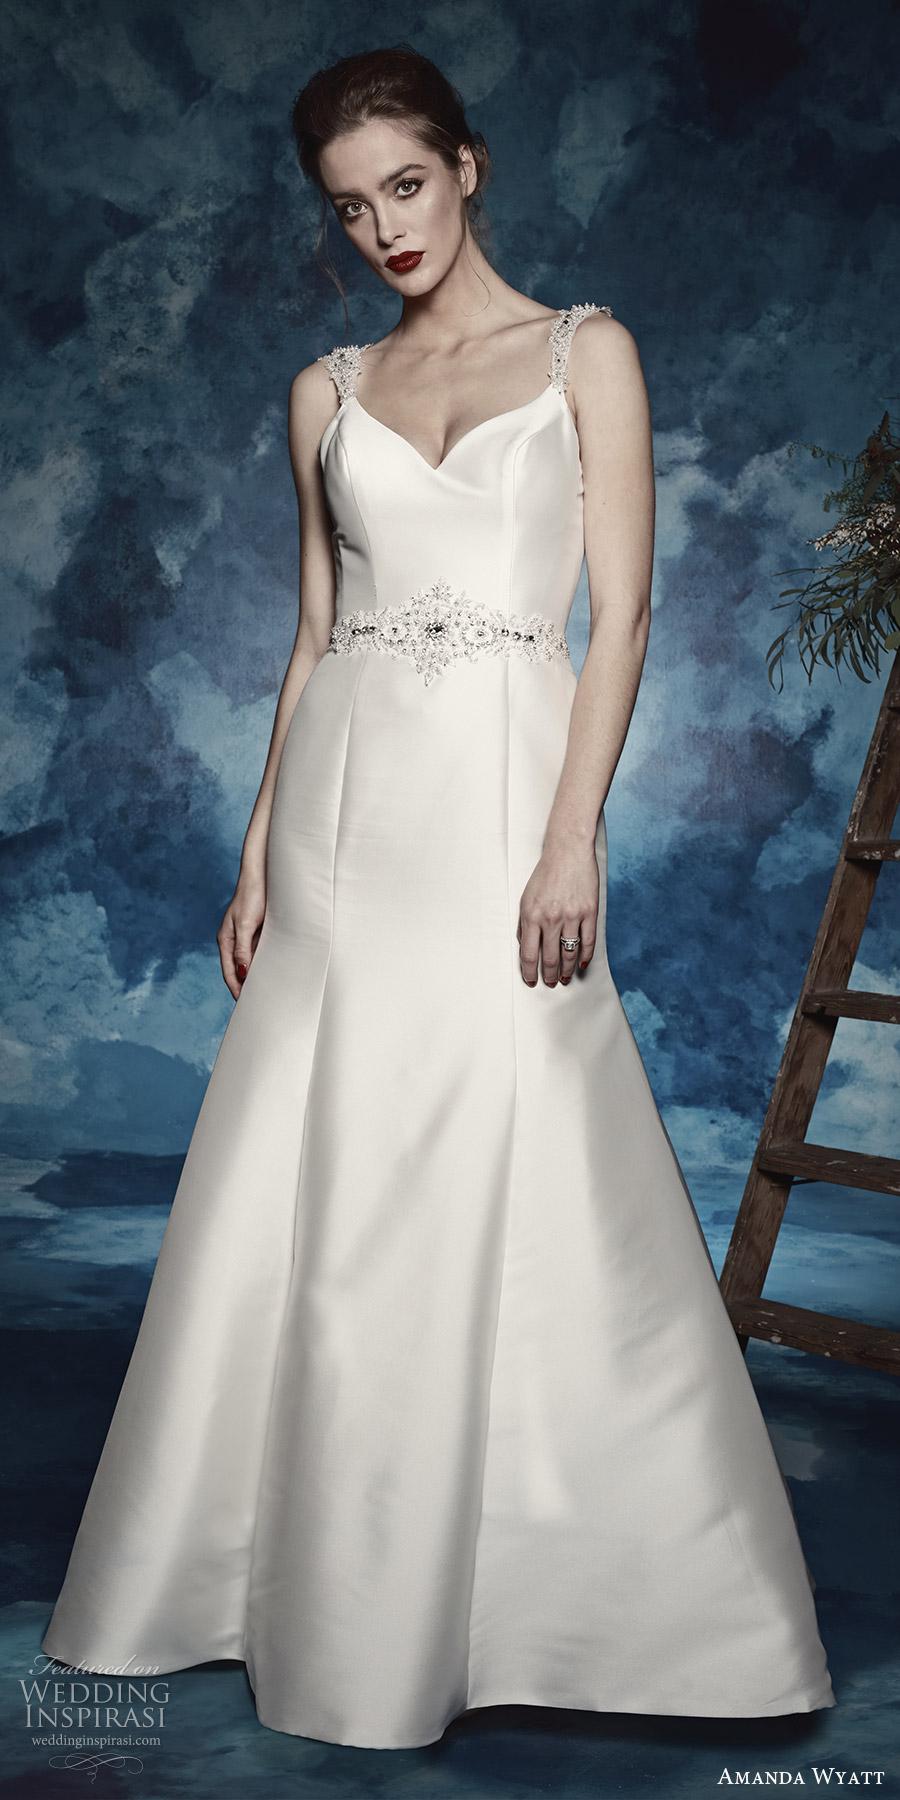 Wholesale Plus Size Wedding Dresses 39 Fresh amanda wyatt bridal sleeveless